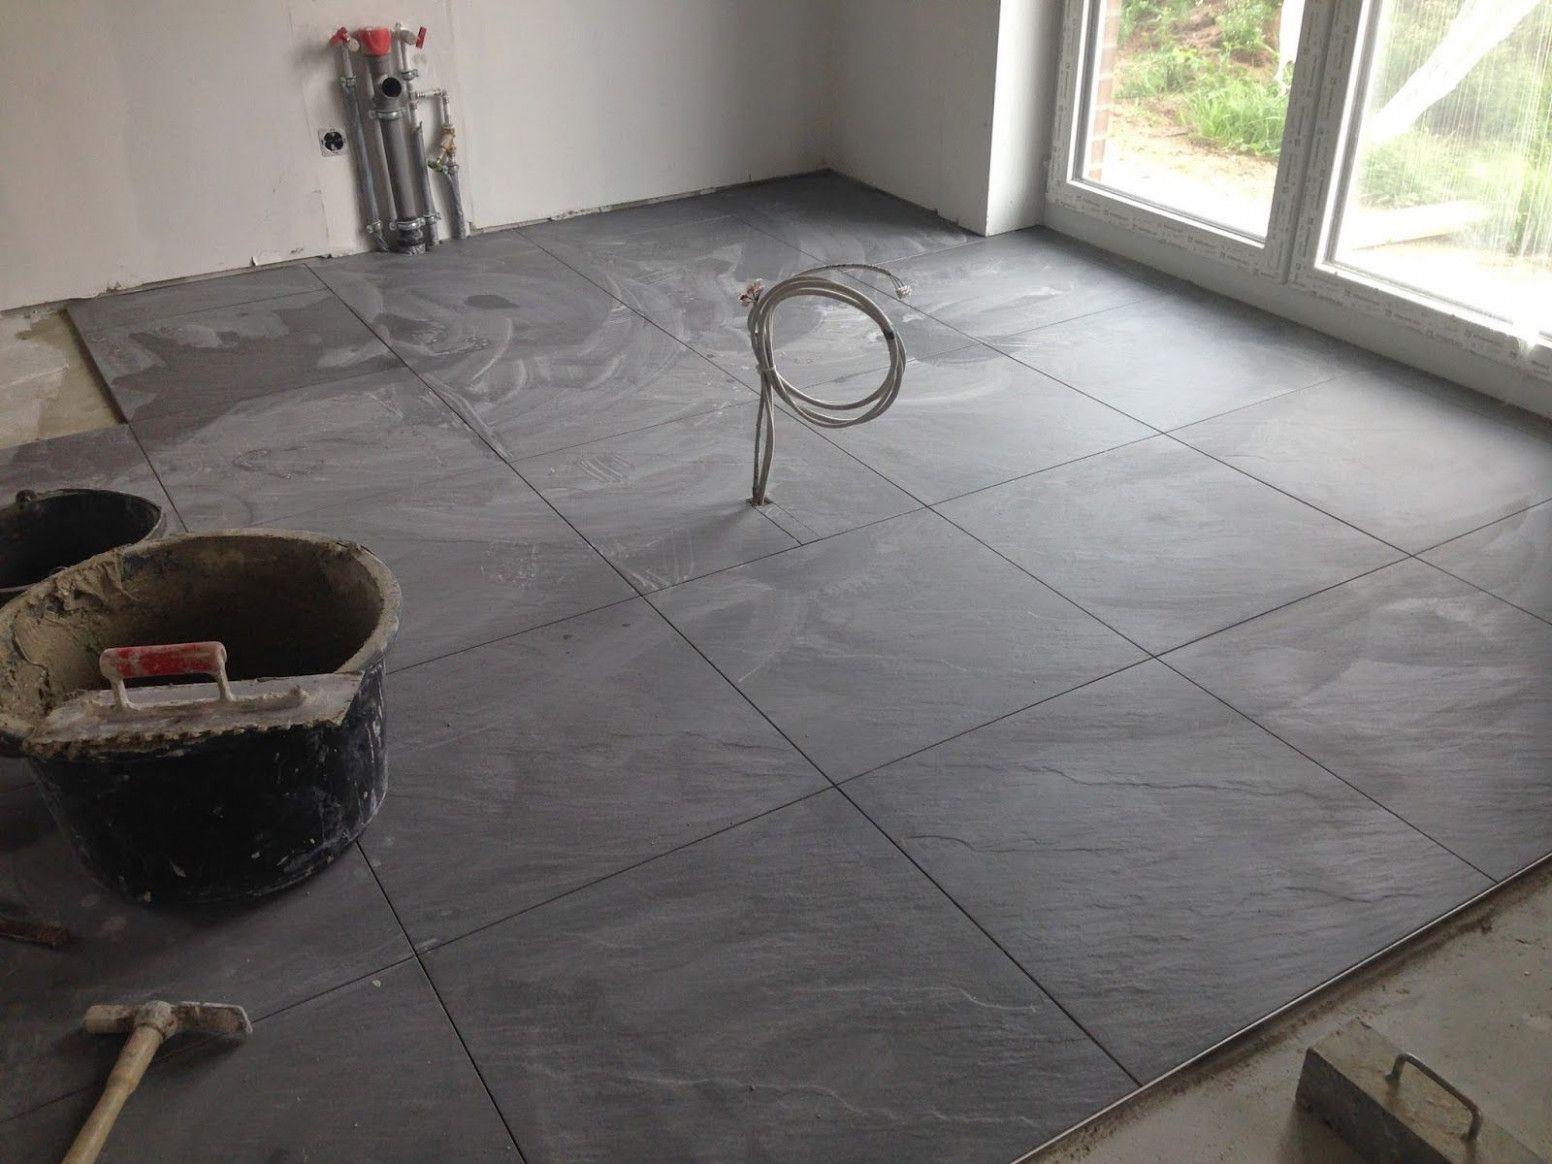 Badezimmer 10 Arbeits Fliesen Kosten Professional Qm In 2020 Tile Floor